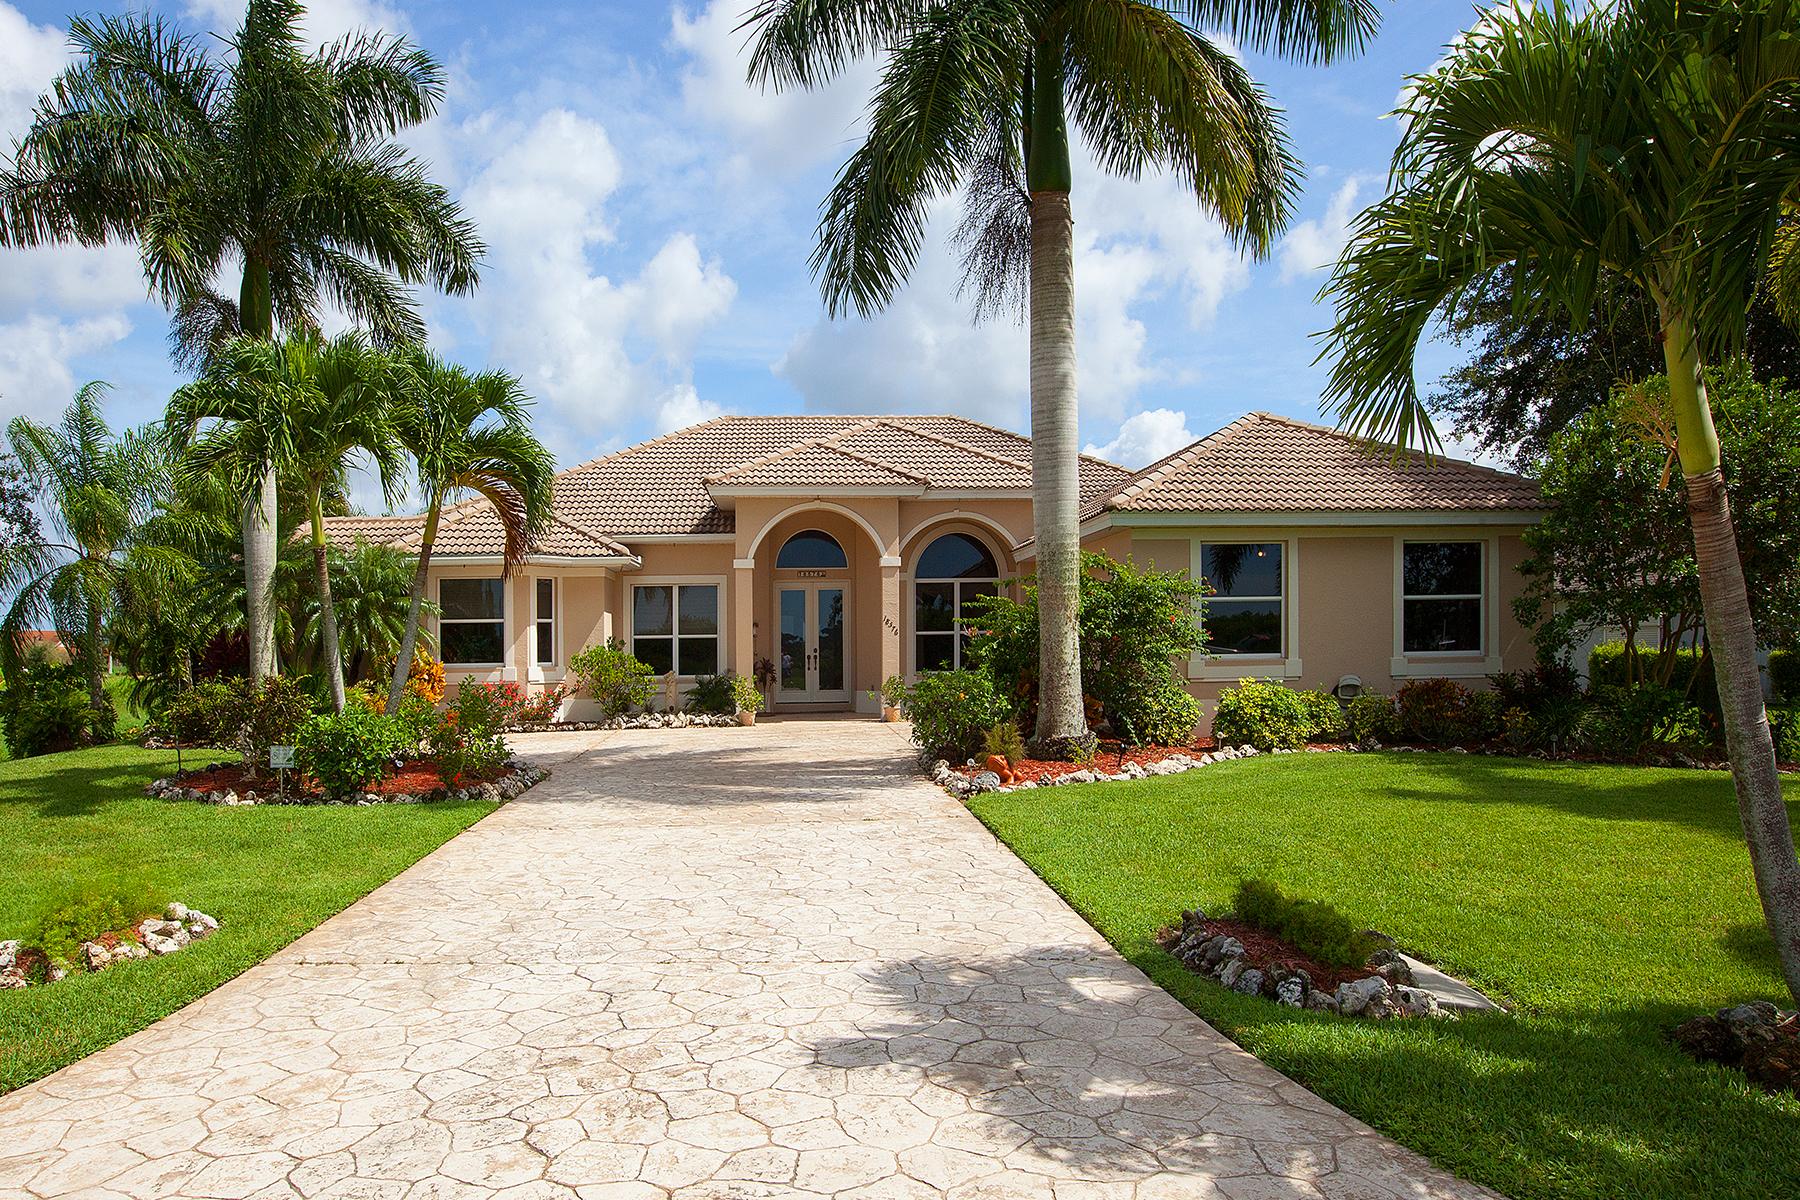 Nhà ở một gia đình vì Bán tại NAPLES - ROYAL PALM GOLF ESTATES 18576 Royal Hammock Blvd Naples, Florida 34114 Hoa Kỳ